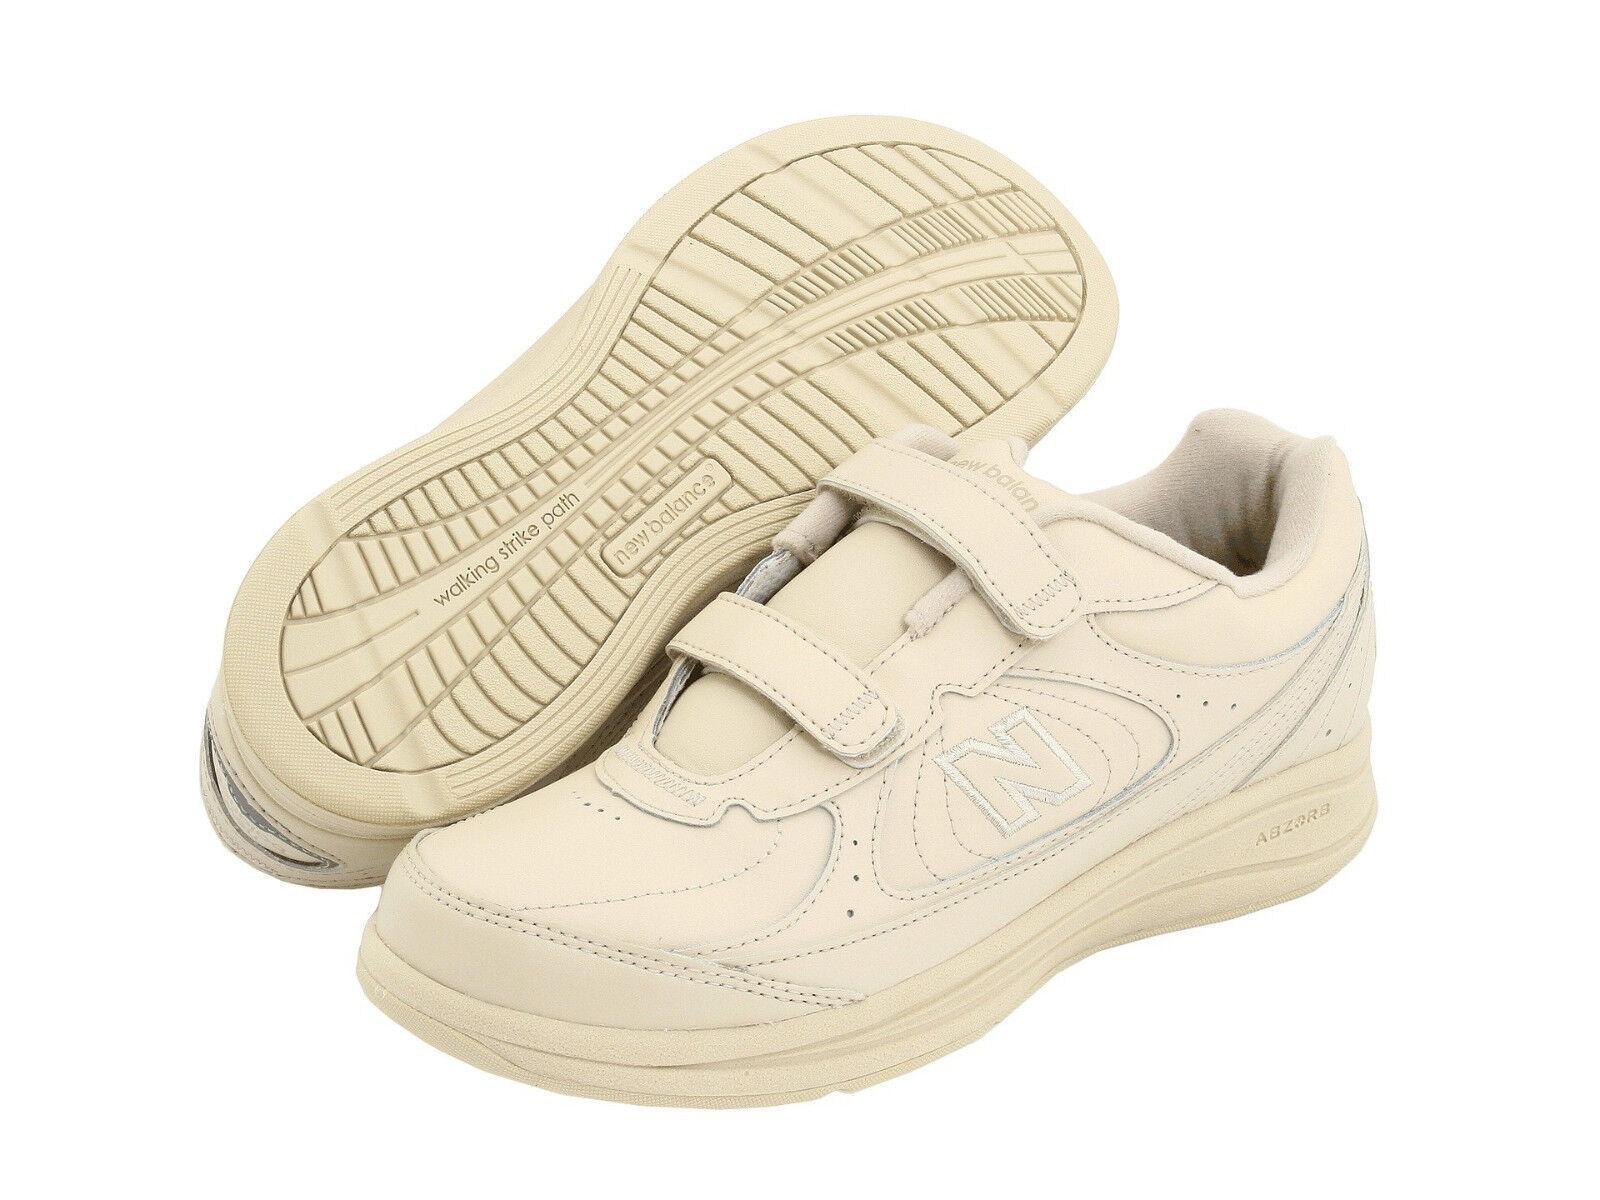 New Balance WW577VB Crochet & Boucle  Walking chaussures, os, assemblés aux Etats-Unis, taille 8.5B  votre satisfaction est notre cible